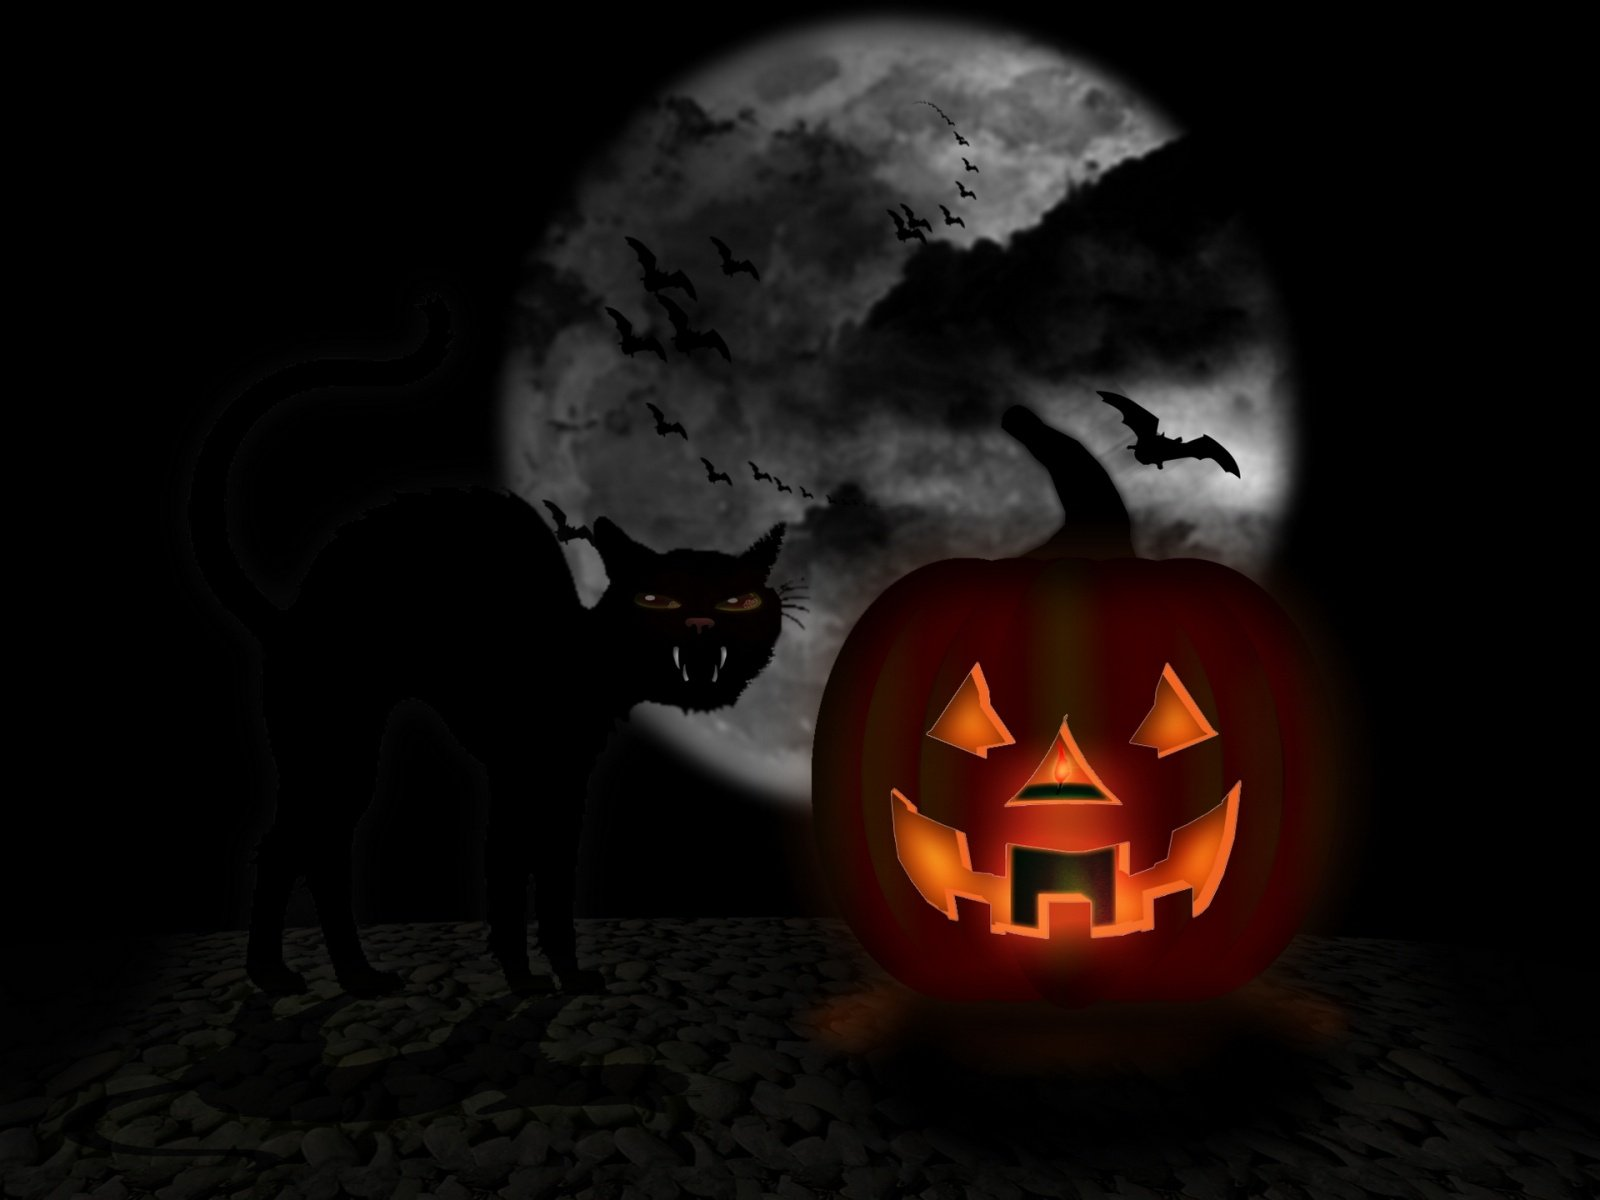 halloween desktop backgrounds halloween desktop backgrounds 1600x1200